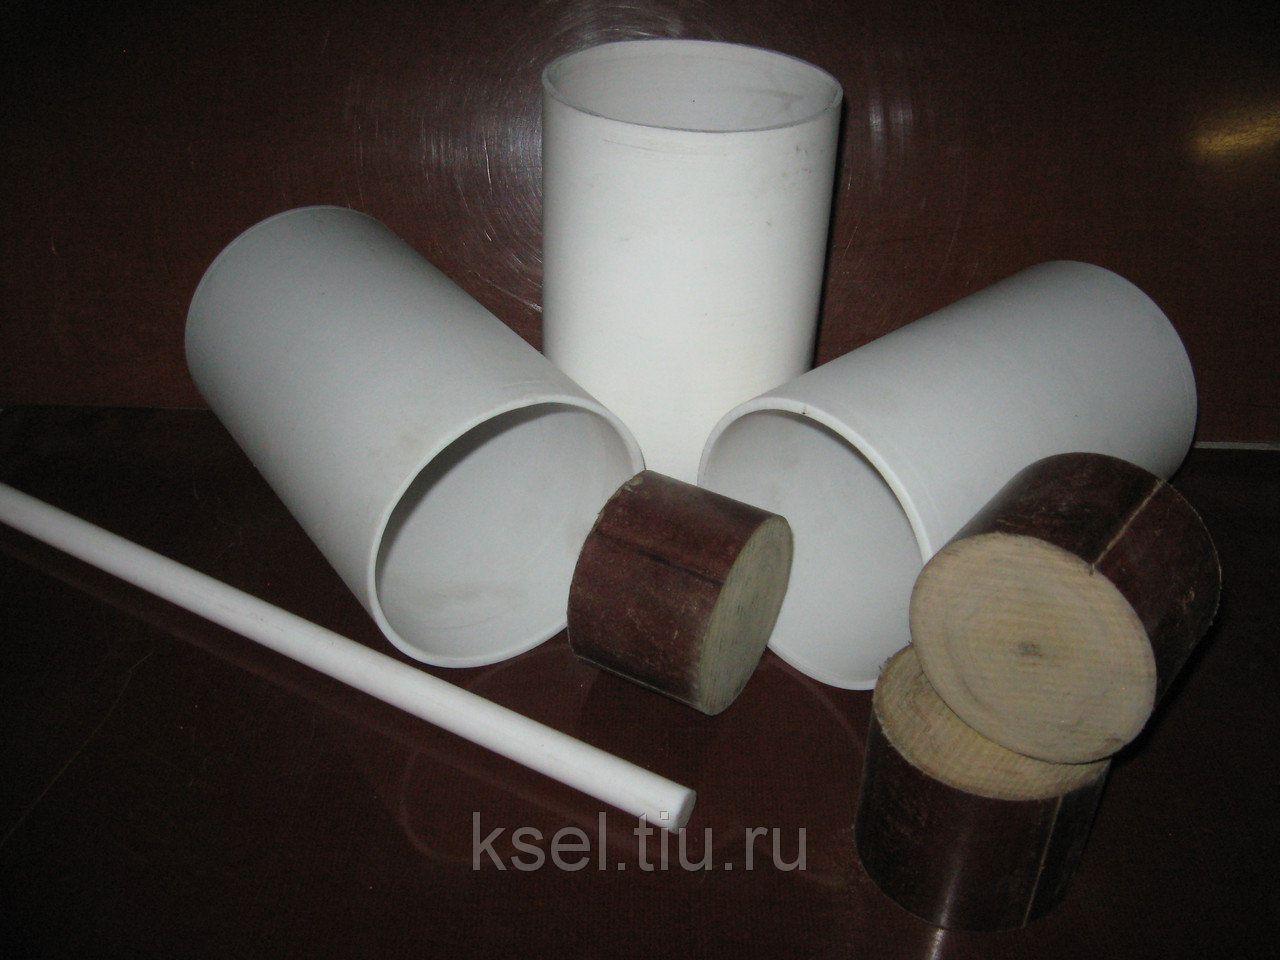 Текстолит стержневой (стержень)